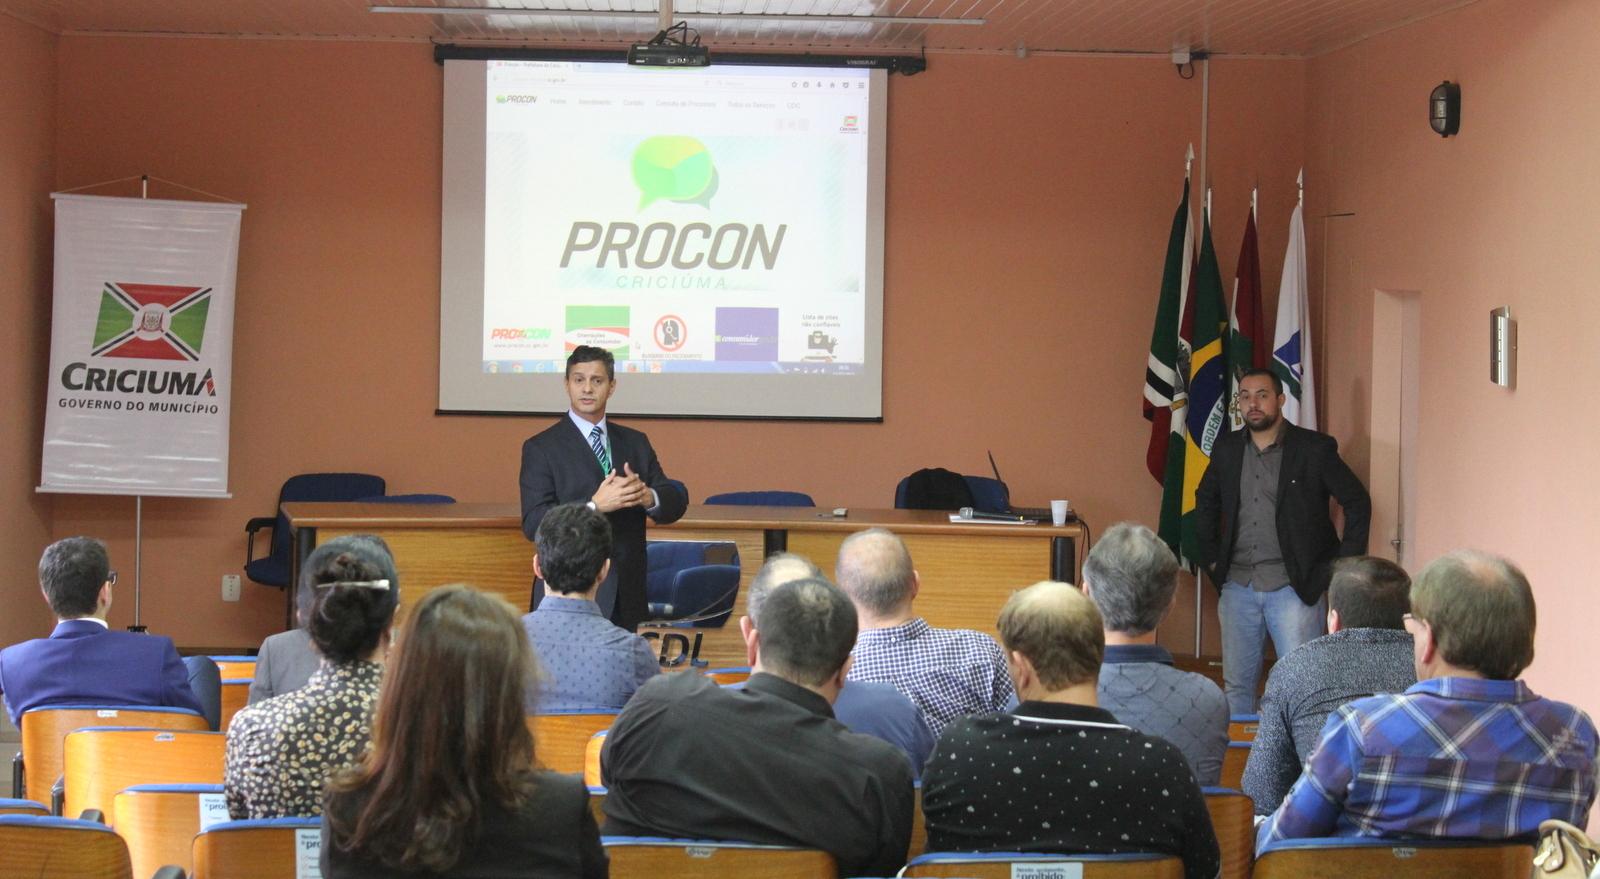 Procon_orienta_comerciantes_sobre_afixacao_correta_de_precos_Foto_de_Emerson_Justo_10.JPG